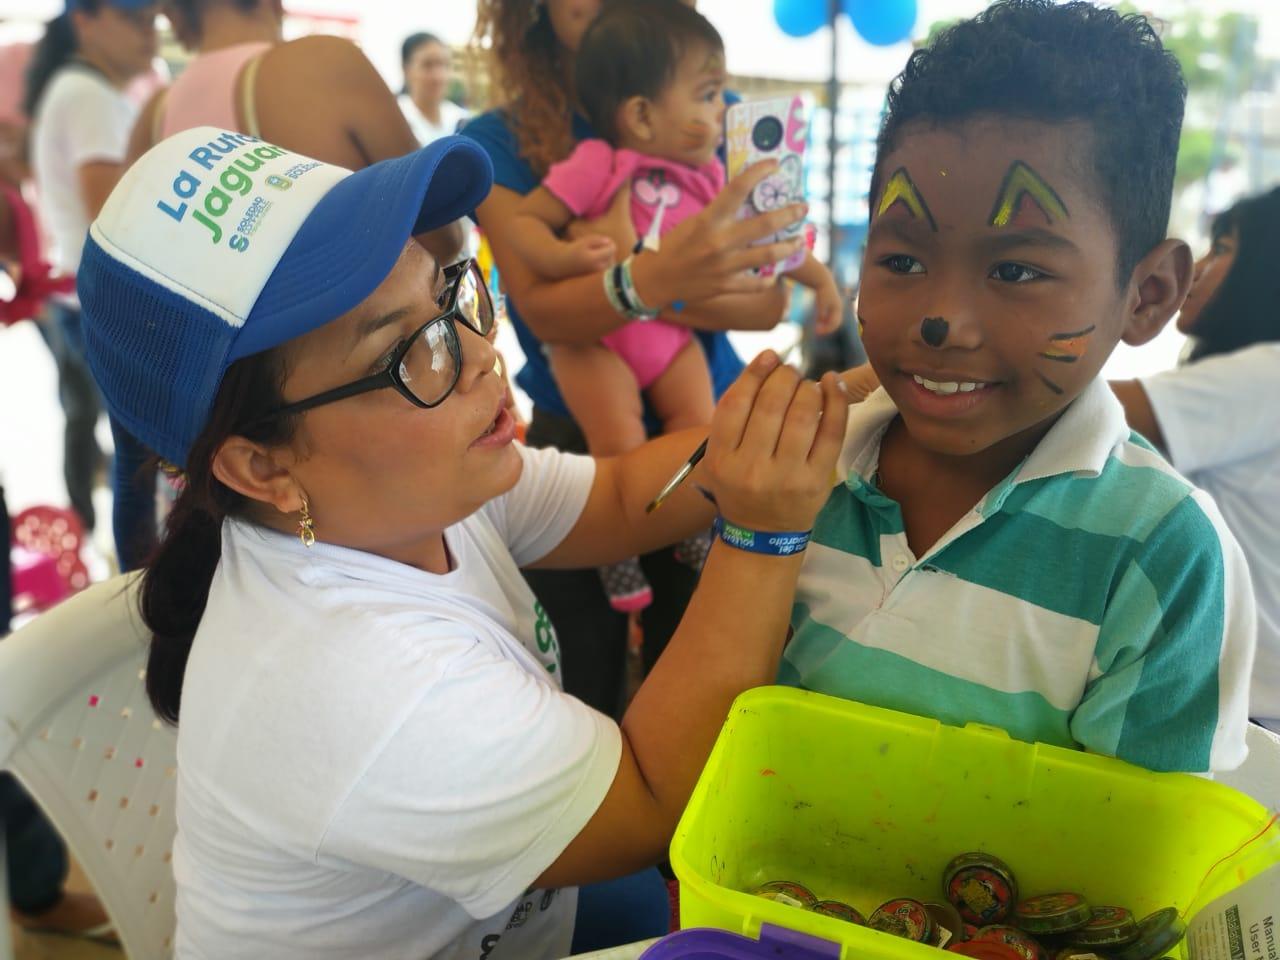 La jornada de vacunación estuvo acompaña de actividades recreativas para los menores.